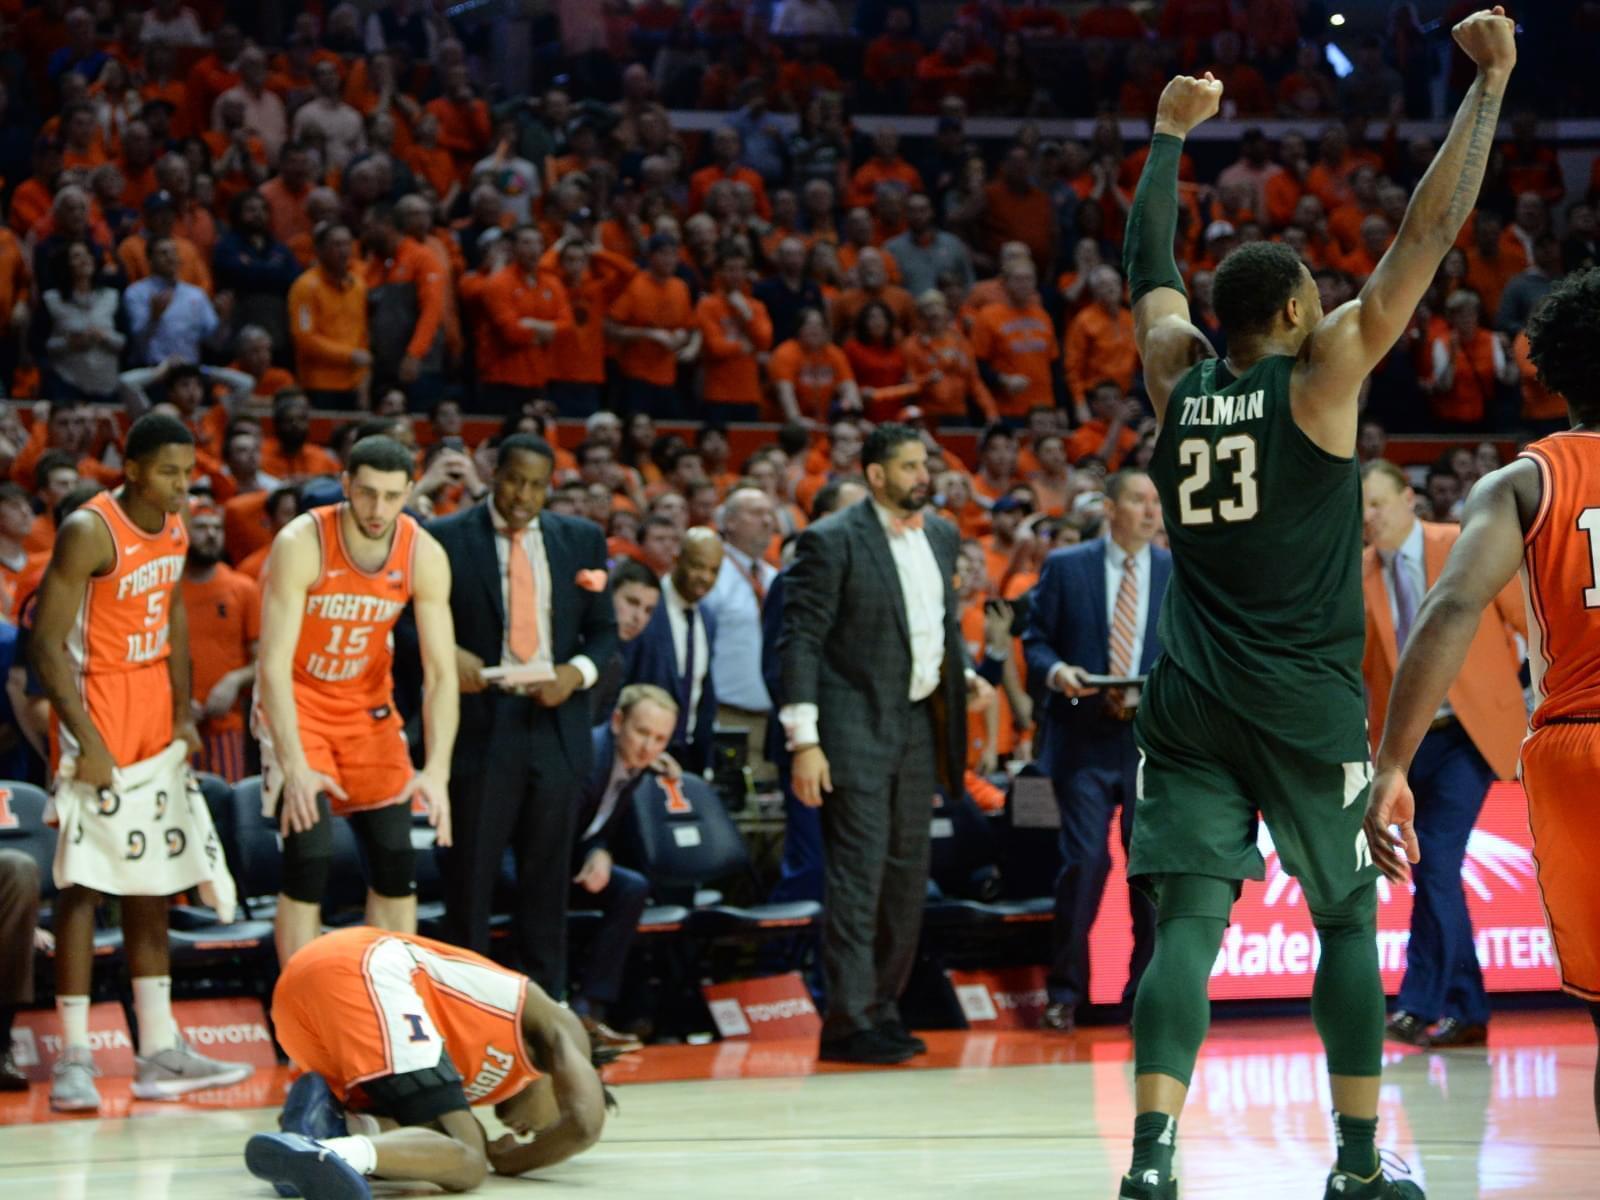 Michigan State's Xavier Tillman celebrates while Illinois' Ayo Dosunmu writhes in pain.